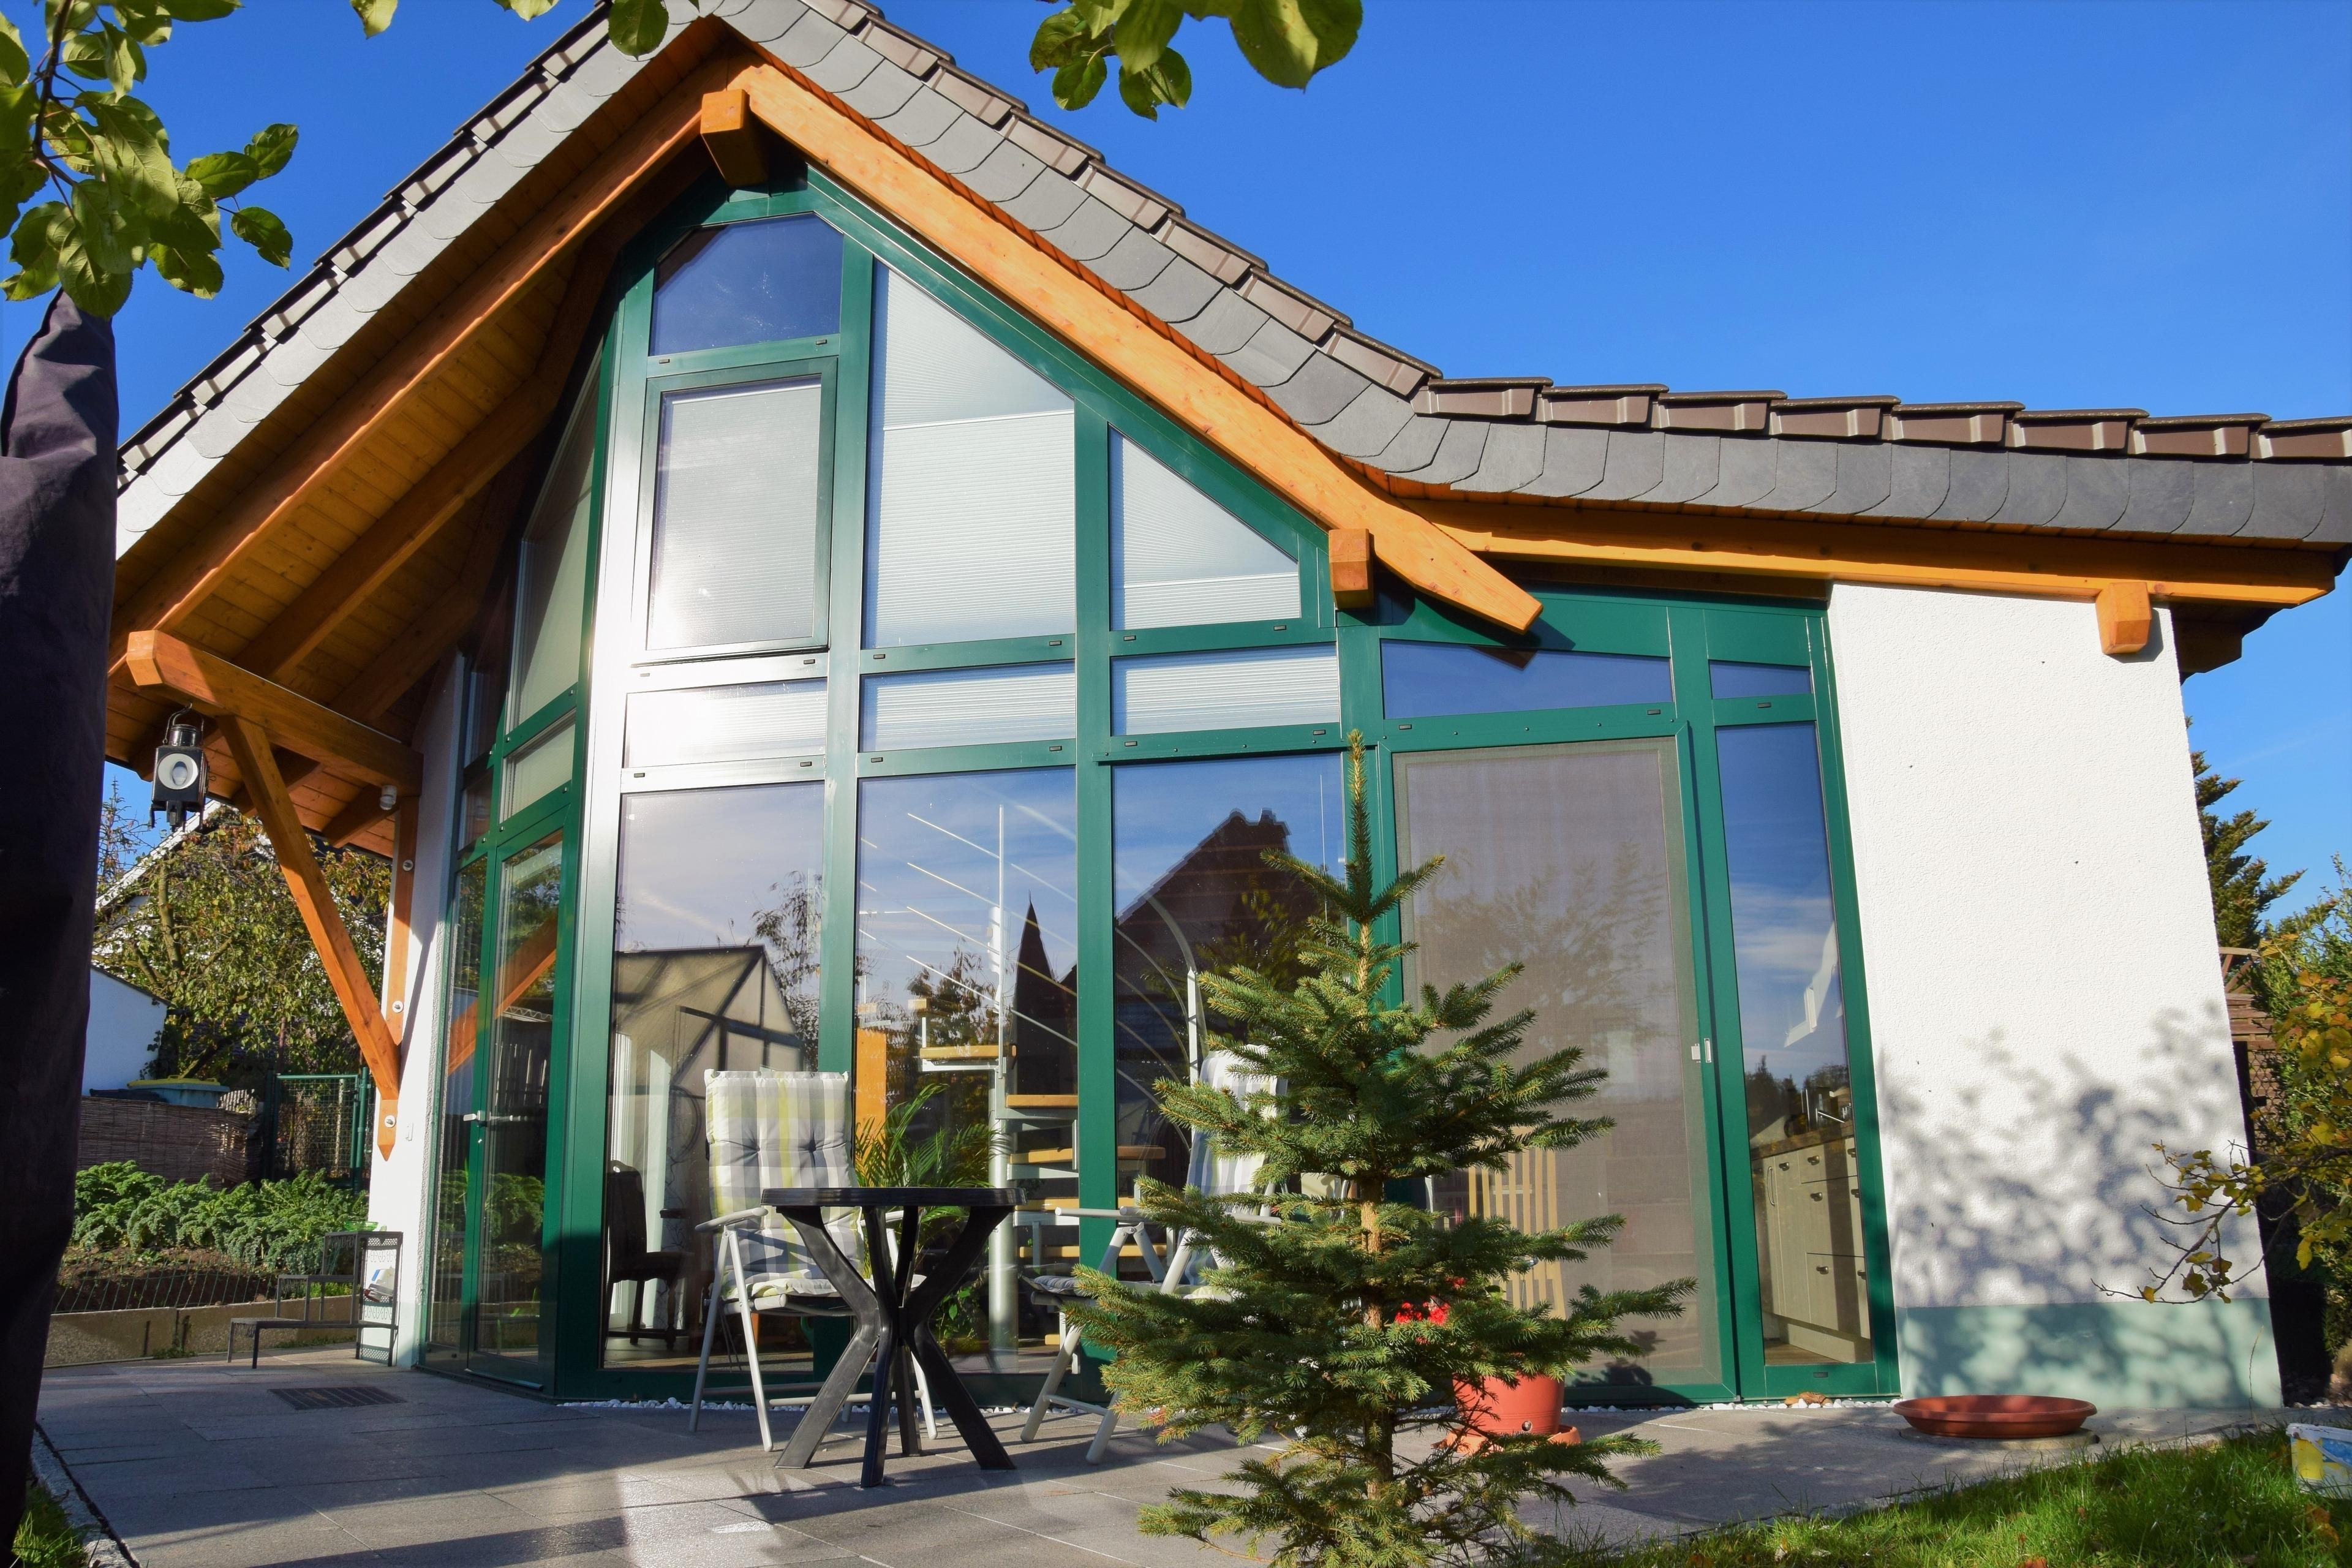 Ferienwohnung Thüringer Wald Ferienhaus in Thüringen